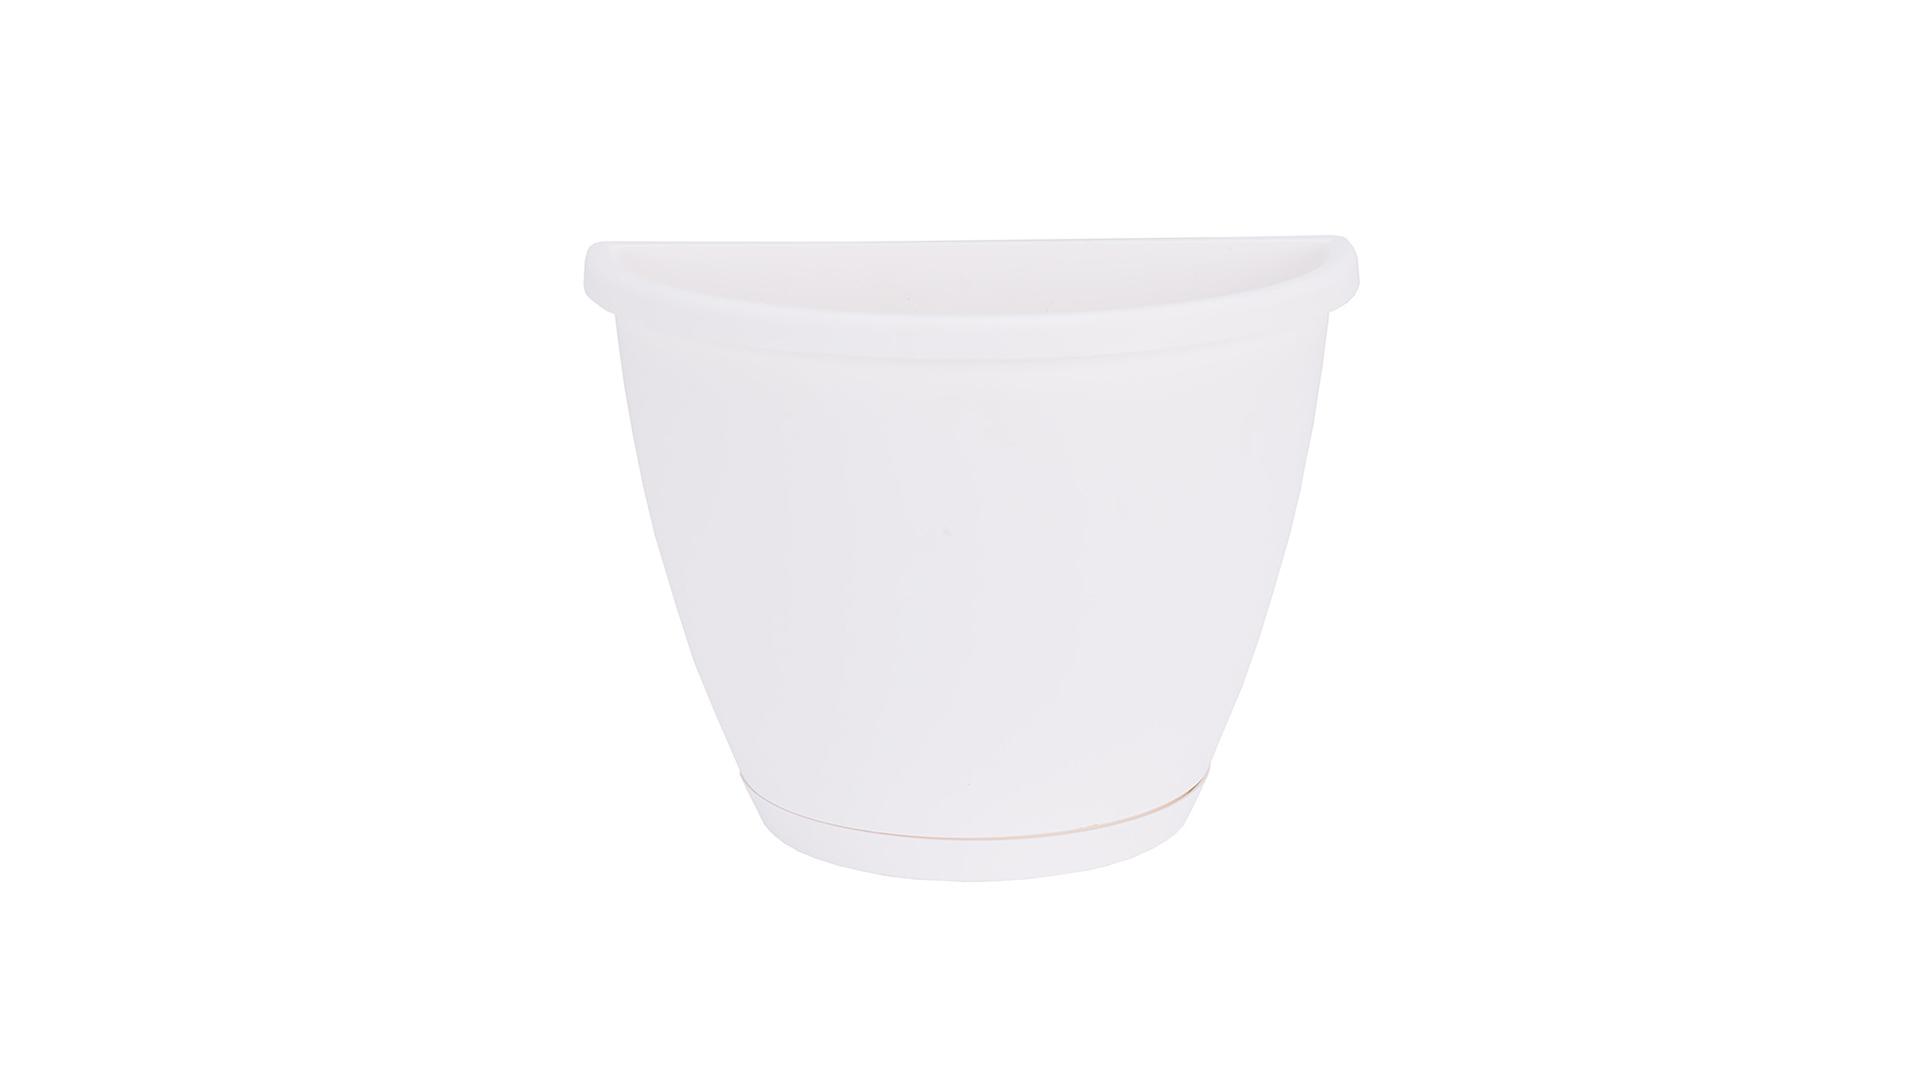 algarve wall pot white 2017 002